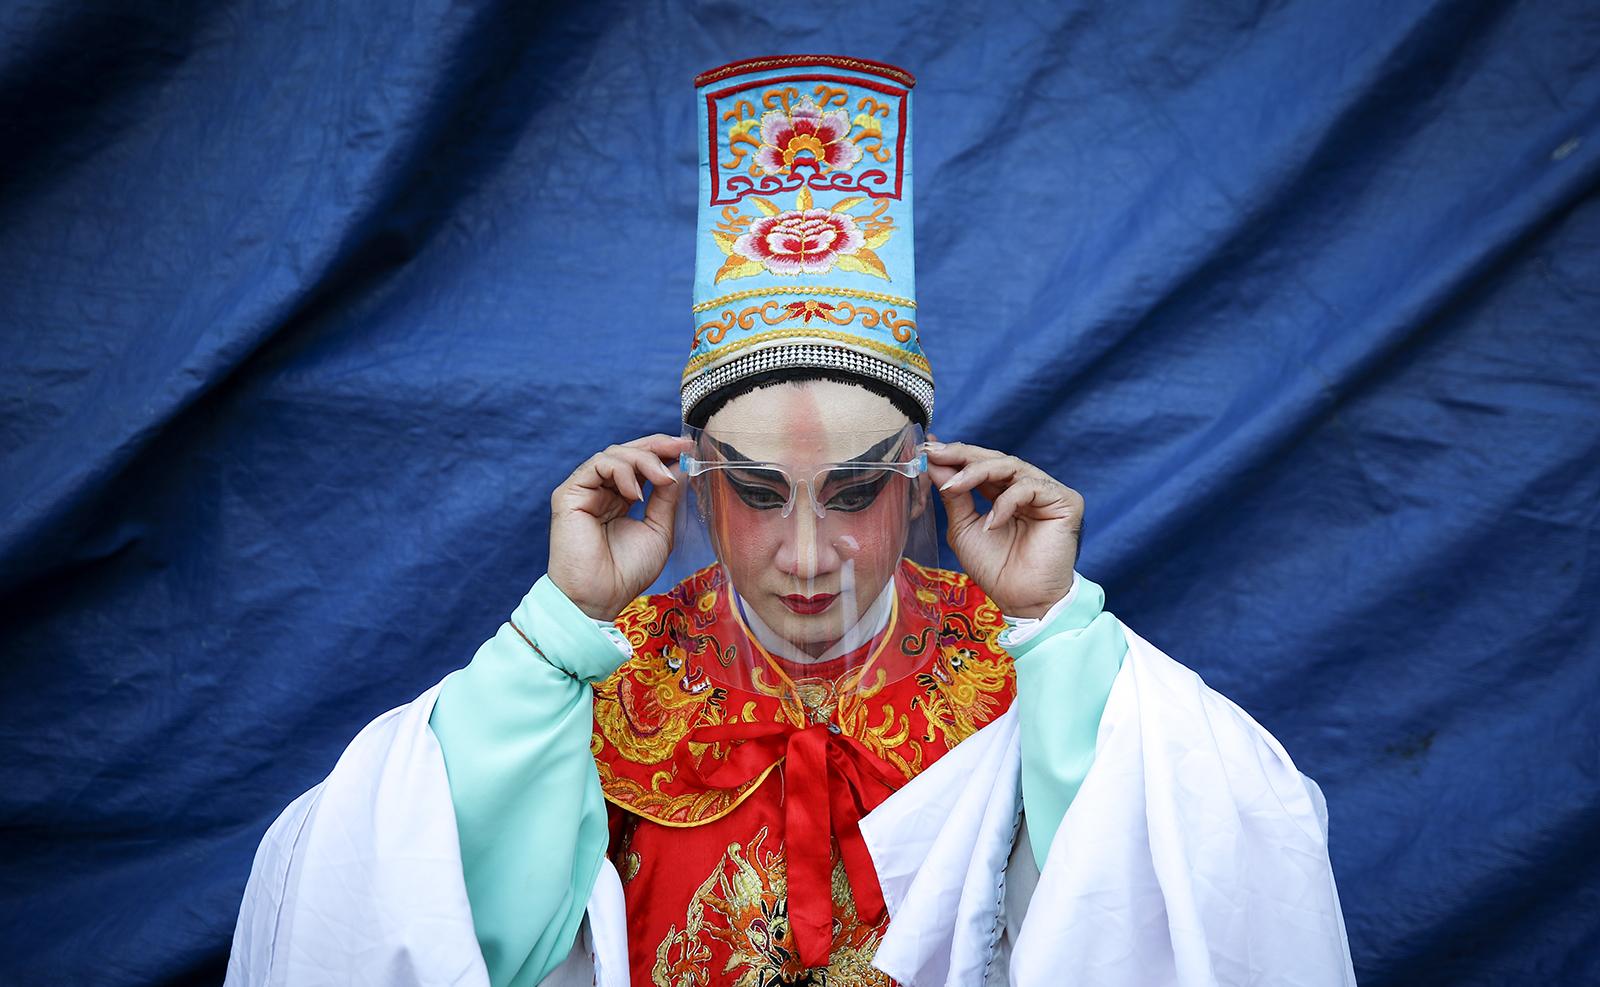 Hình ảnh người châu Á đón Tết cổ truyền Tân Sửu 2021 giữa dịch Covid-19